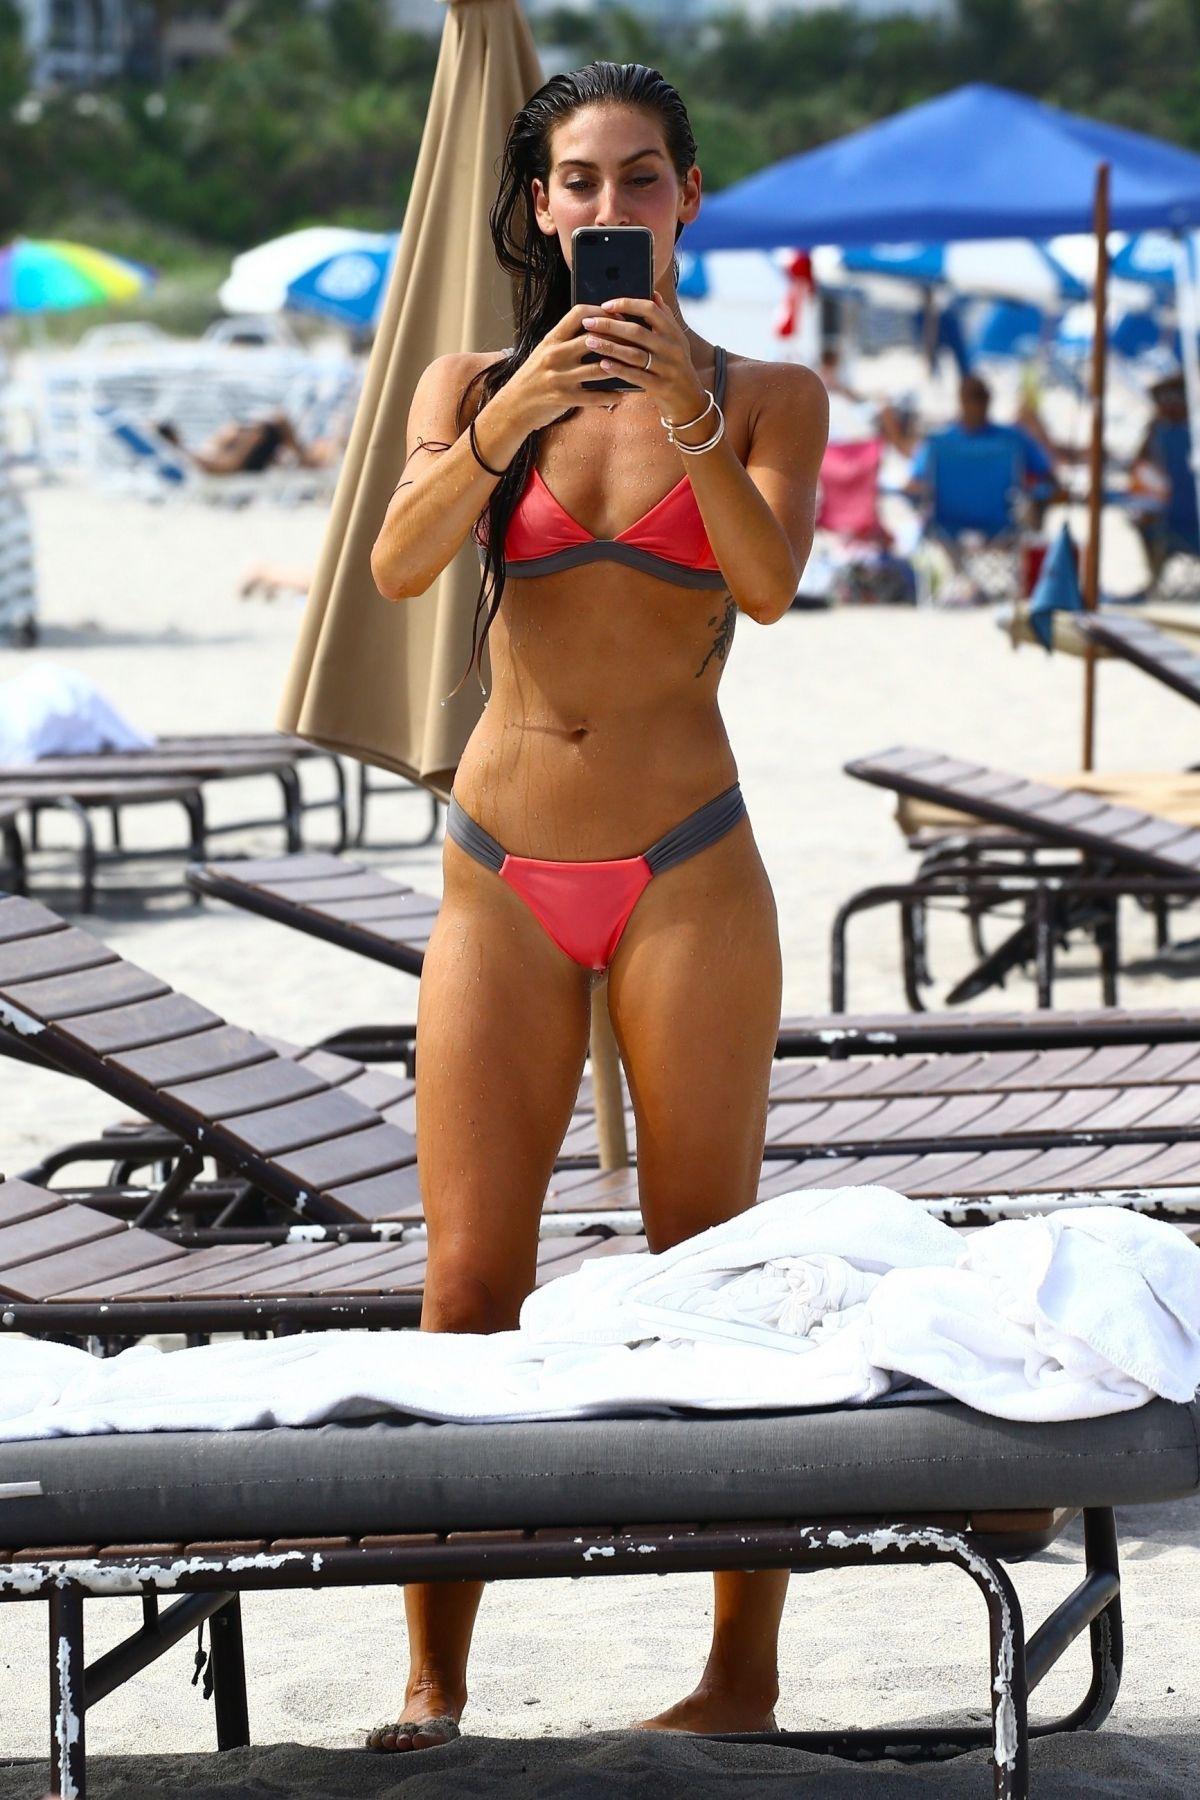 Bikini Kaylee Ricciardi naked (24 photo), Pussy, Leaked, Boobs, cleavage 2015